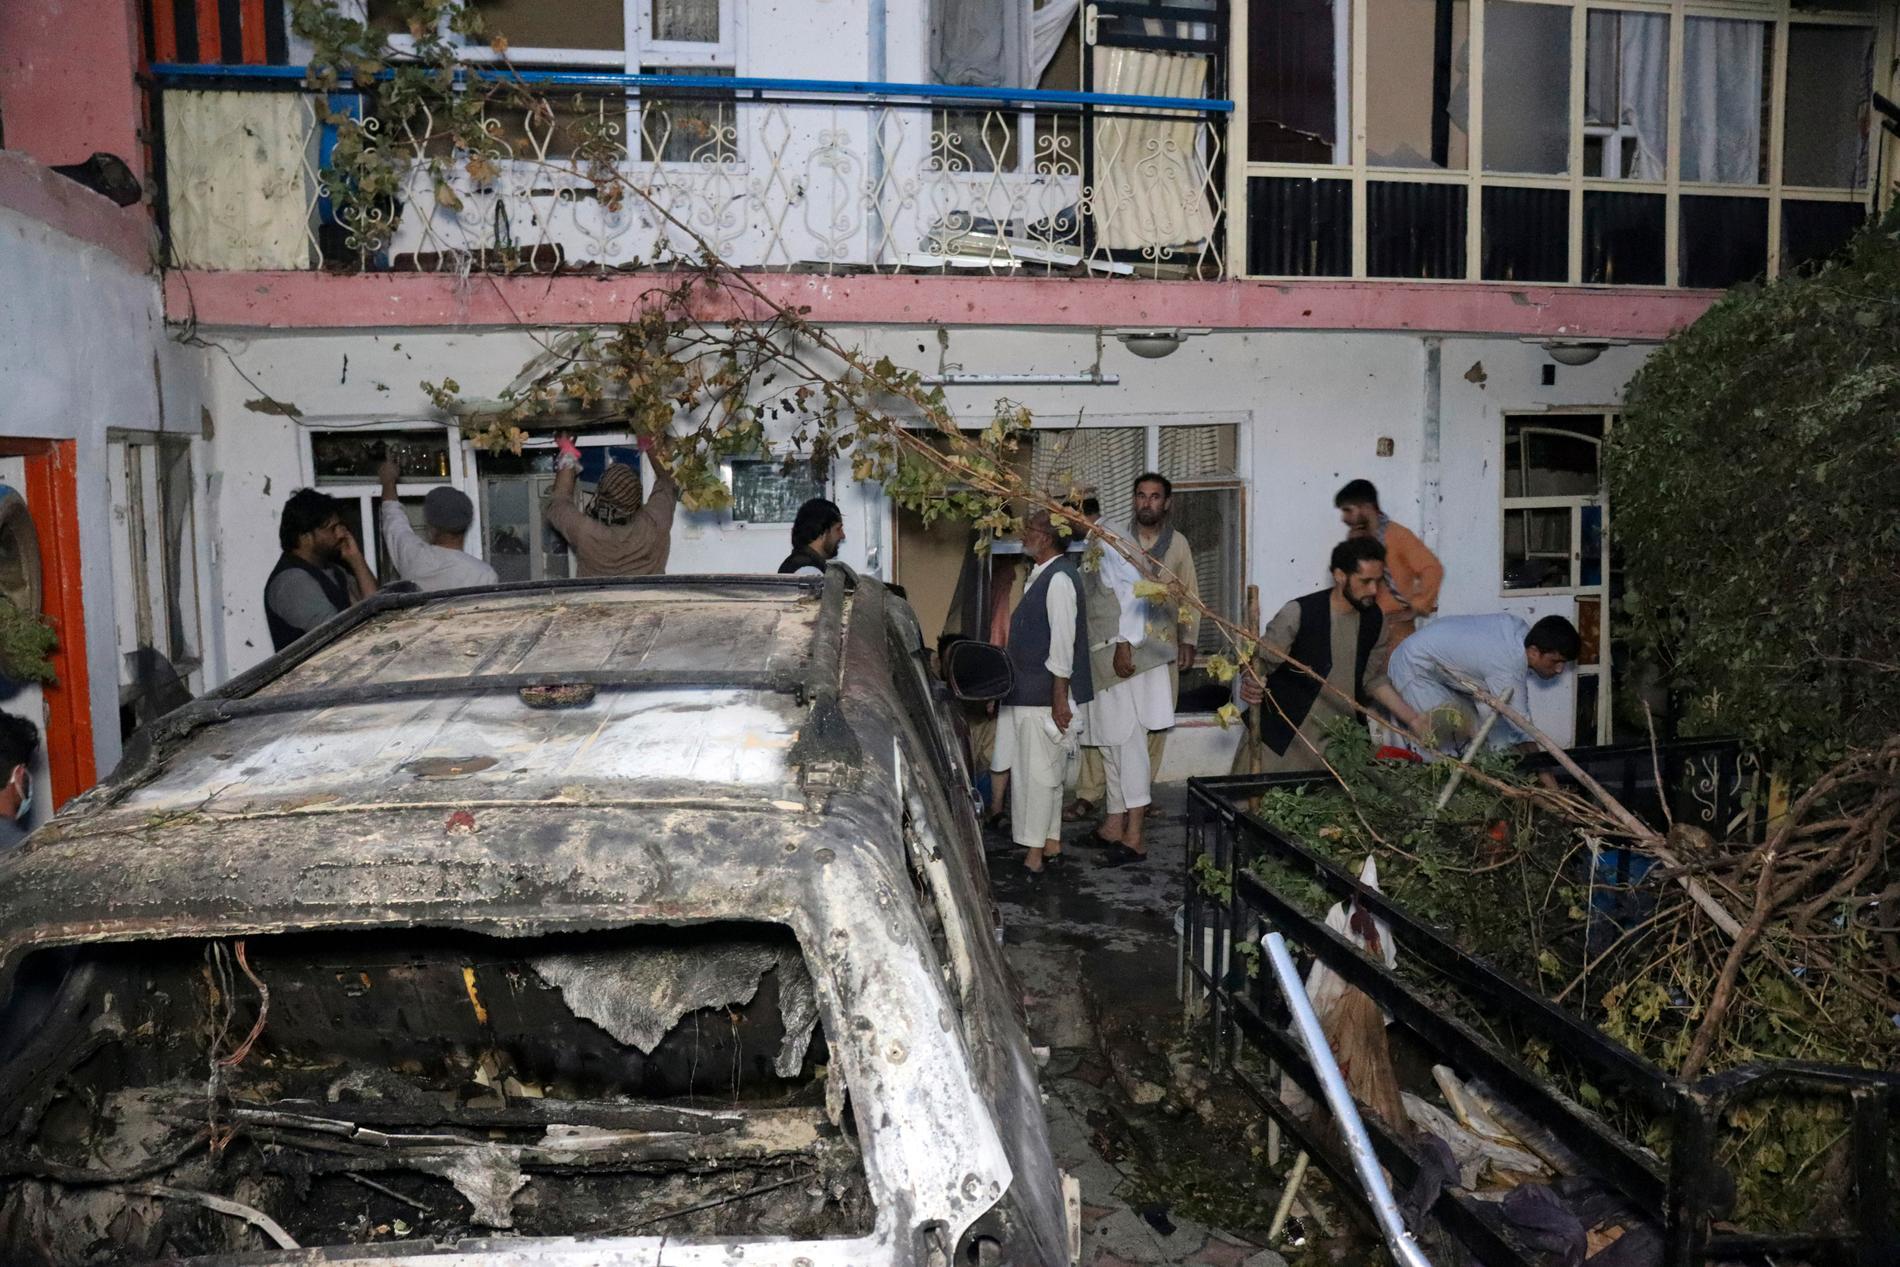 Bilen som uppgavs ha transporterat självmordsbombare angreps av en amerikansk drönare. Militären erkände senare att det var ett misstag, bara civila fanns i bilen.